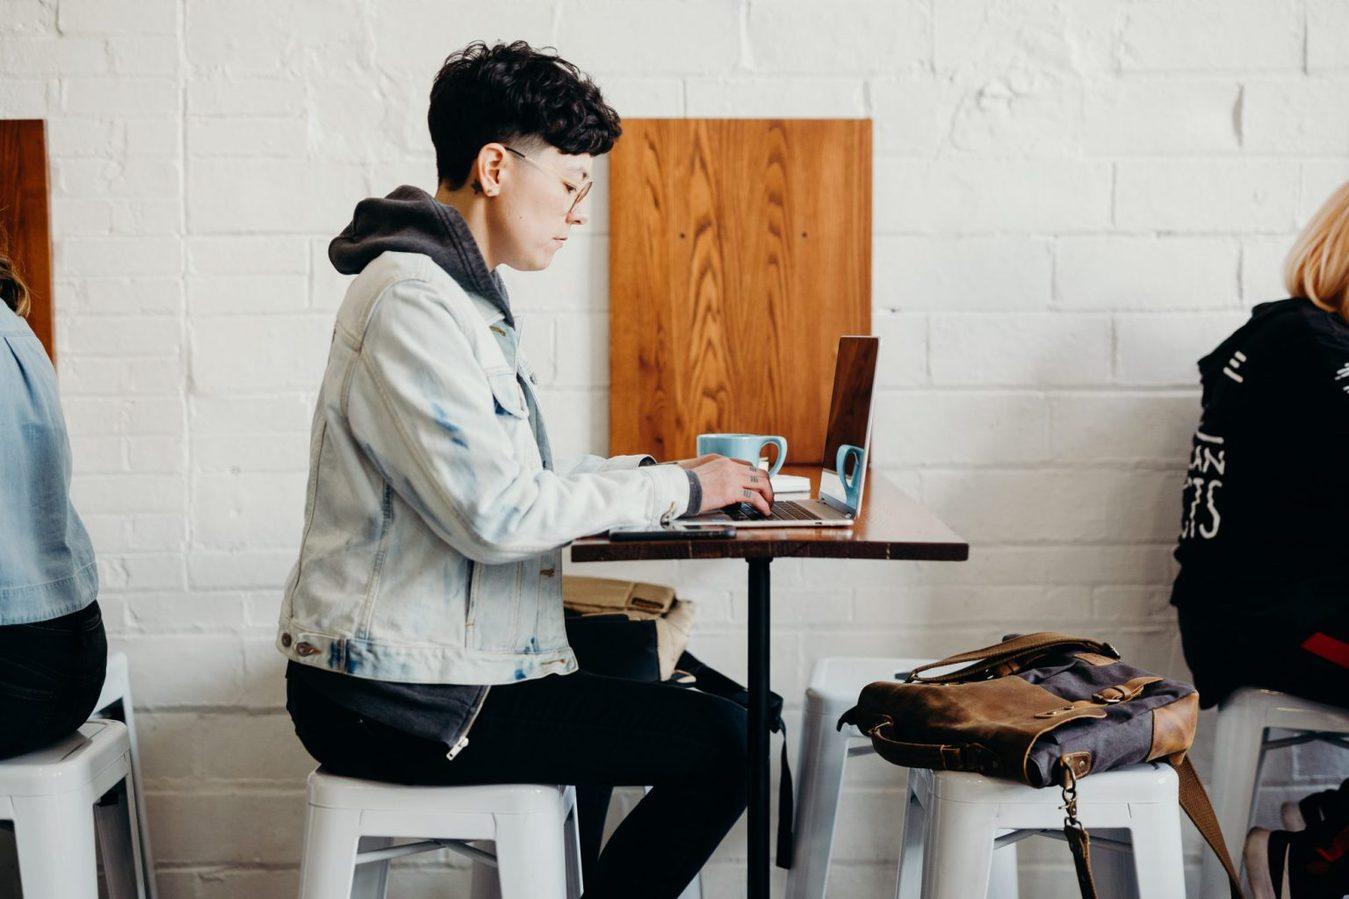 Scatto laterale di una persona seduta su uno sgabello in un bar con un laptop